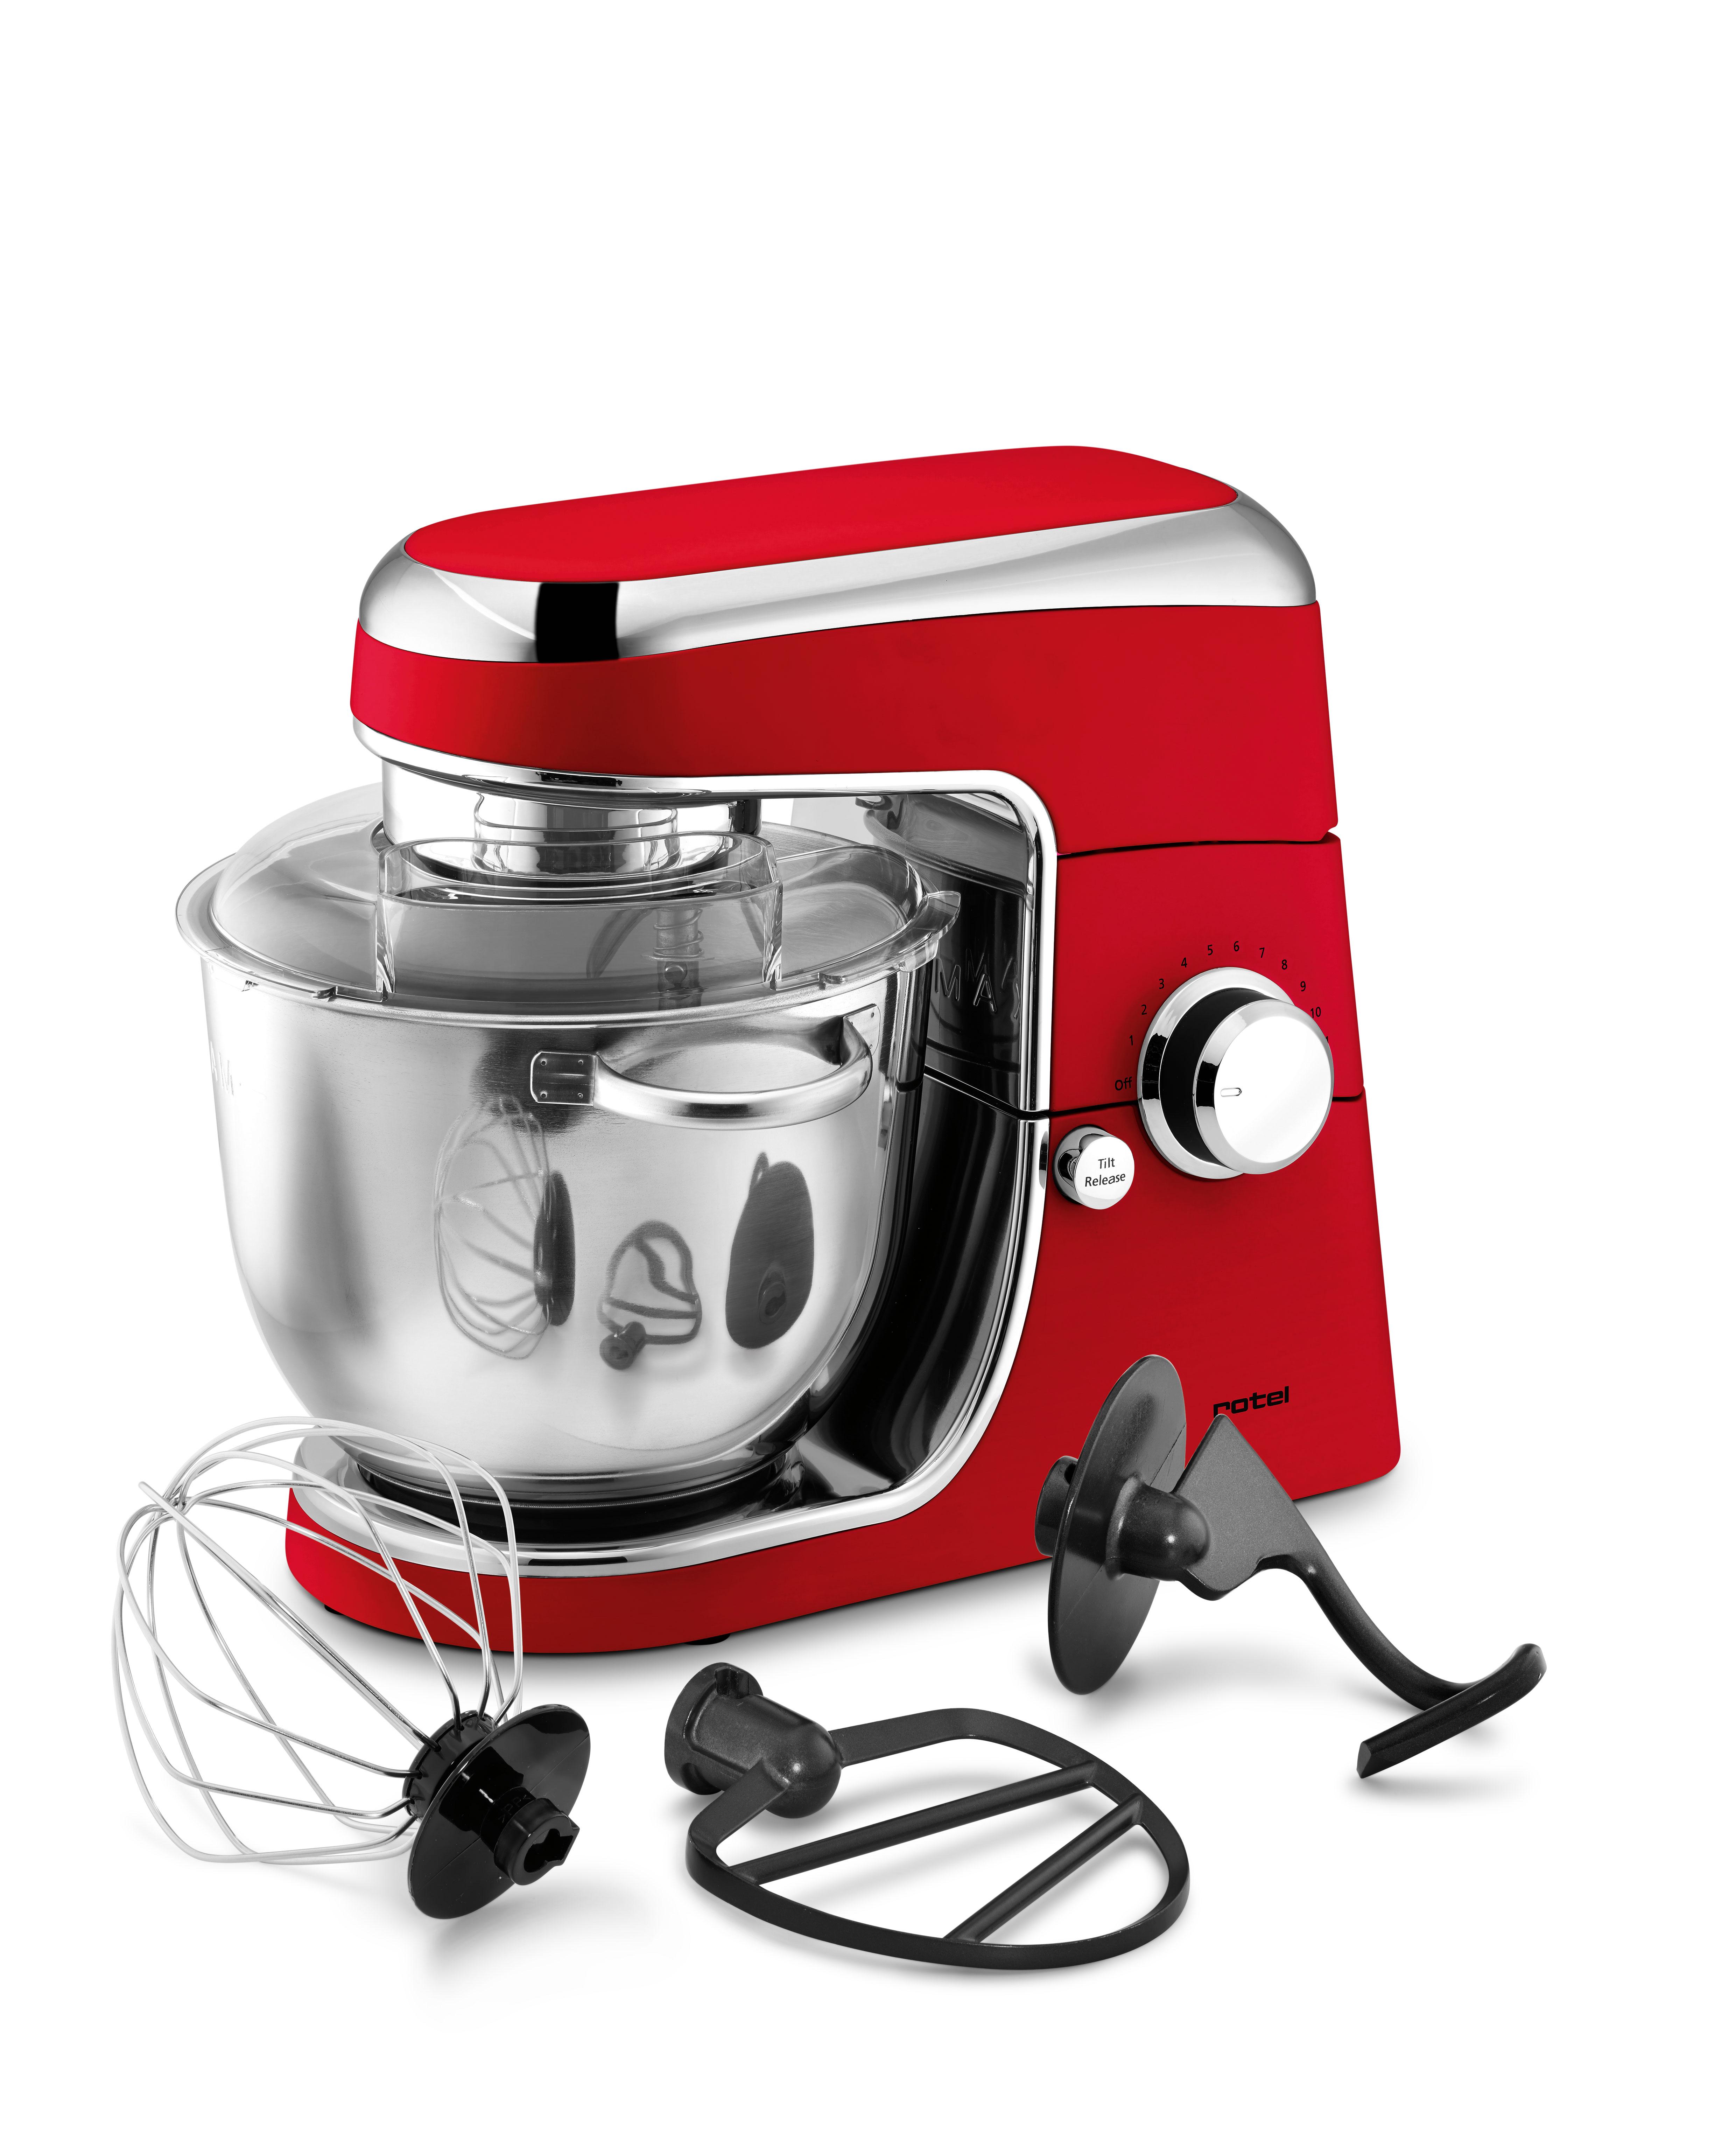 rotel Küchenmaschine